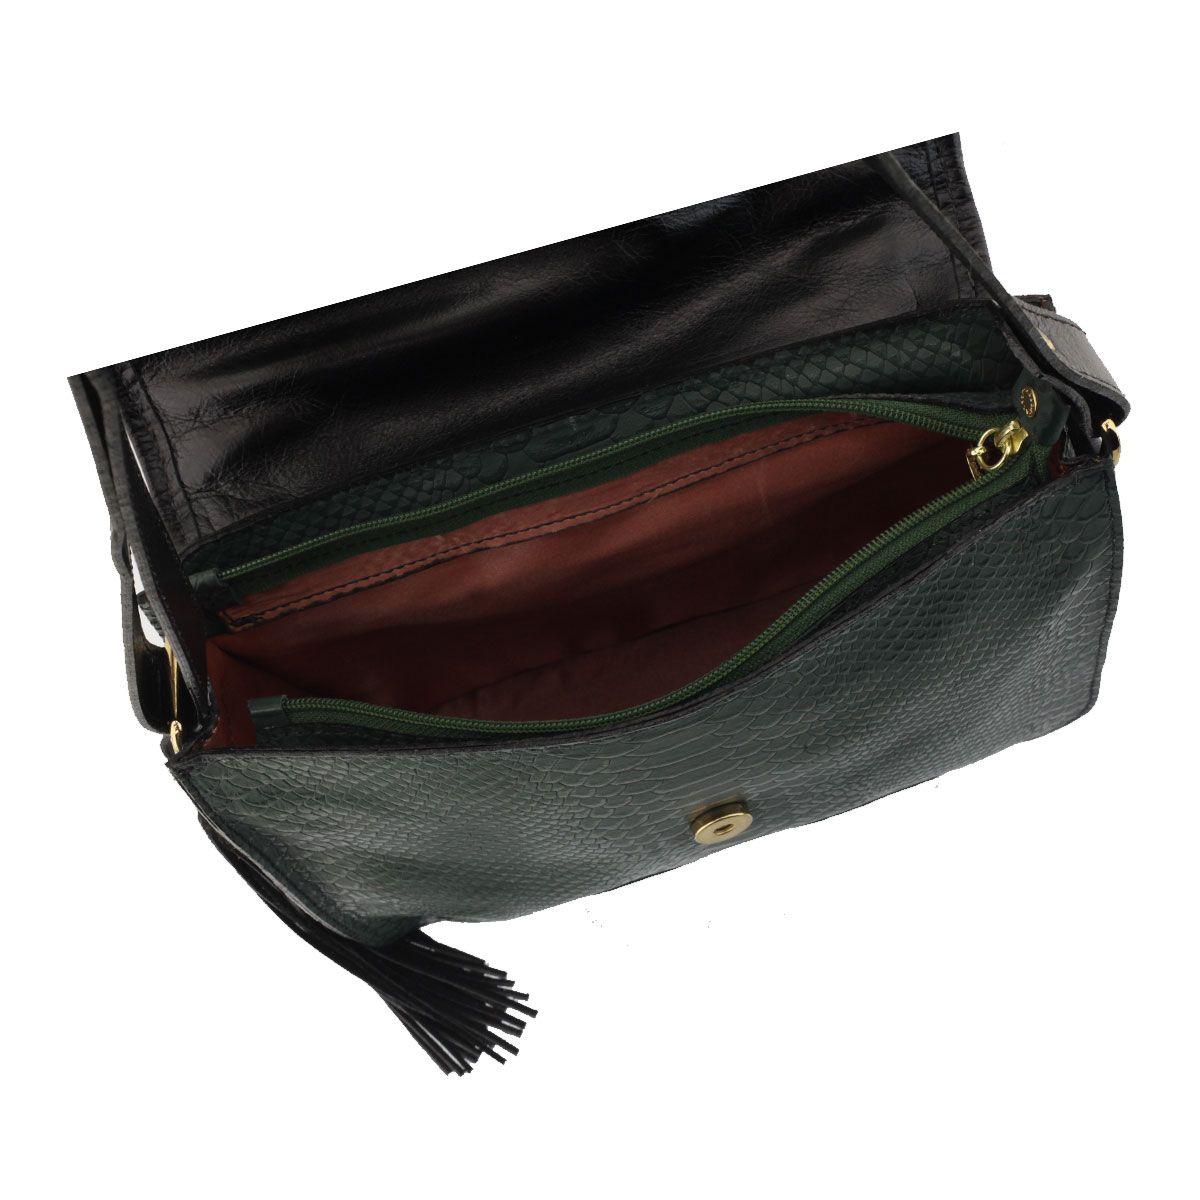 Bolsa De Viagem Feminina Couro : Arzon bolsa de couro feminina